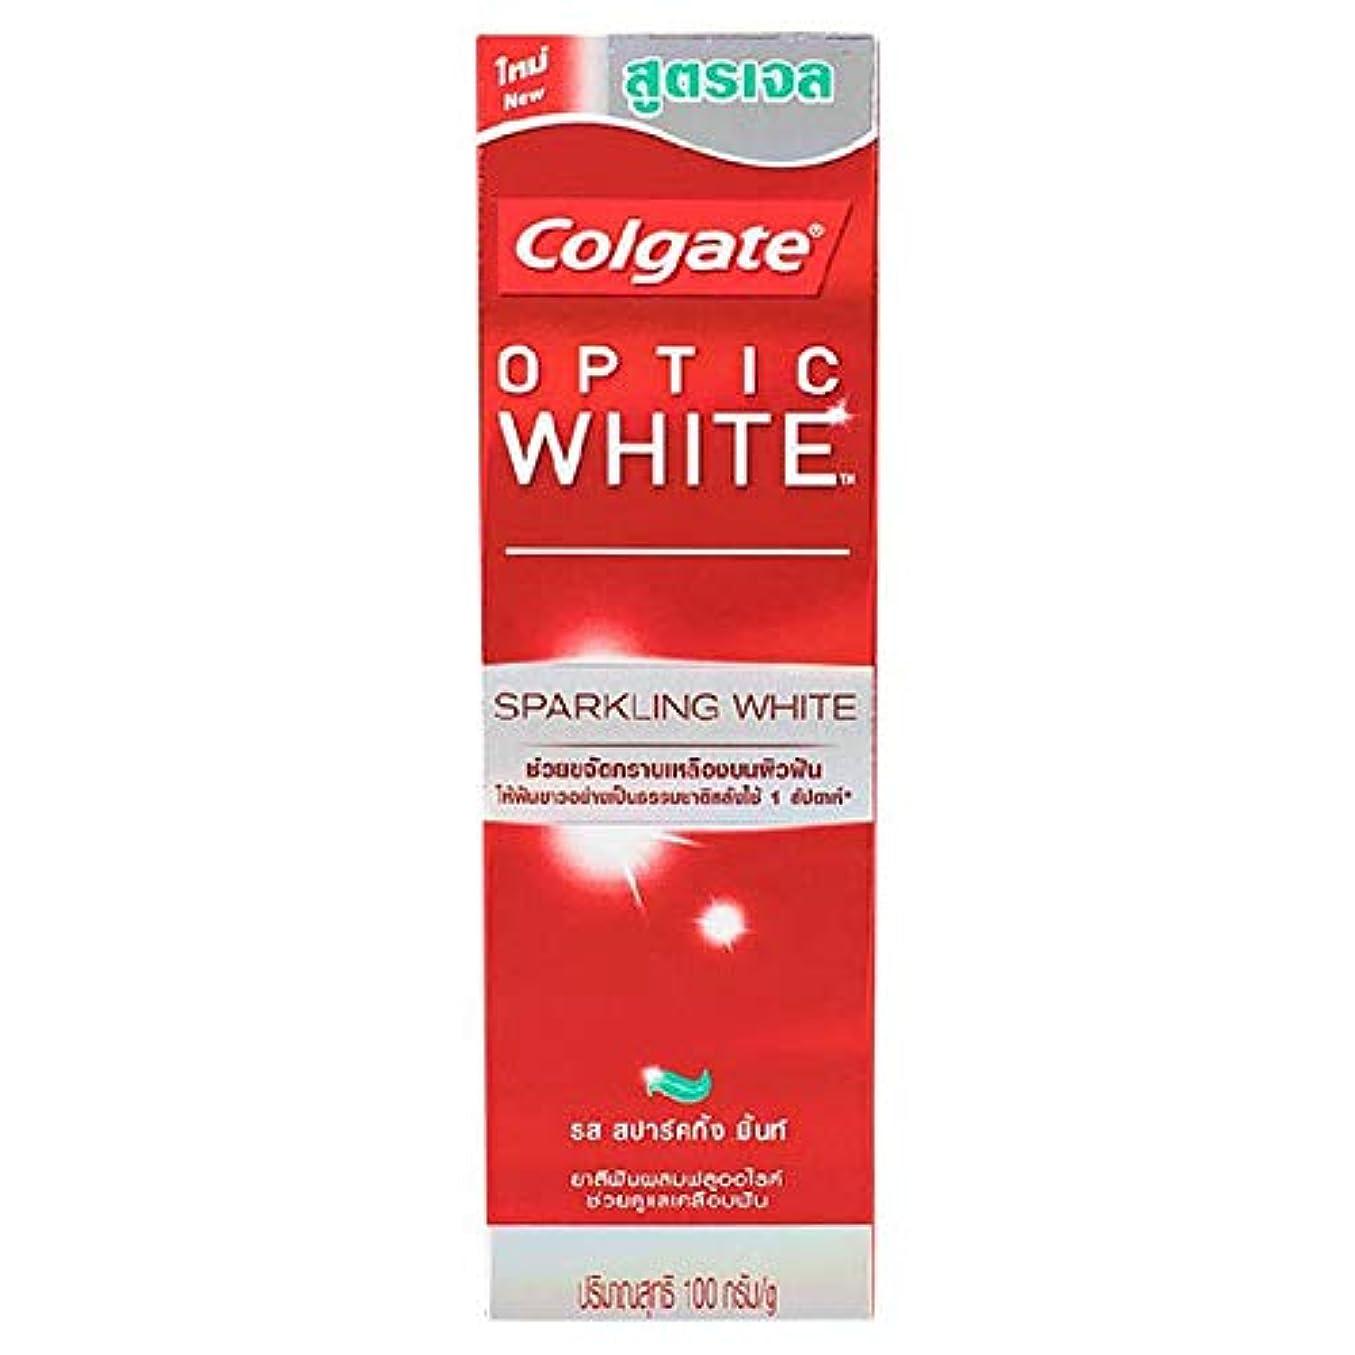 放課後拡大する震え(コルゲート)Colgate 歯磨き粉 「オプティック ホワイト 」 (スパークリングホワイト)